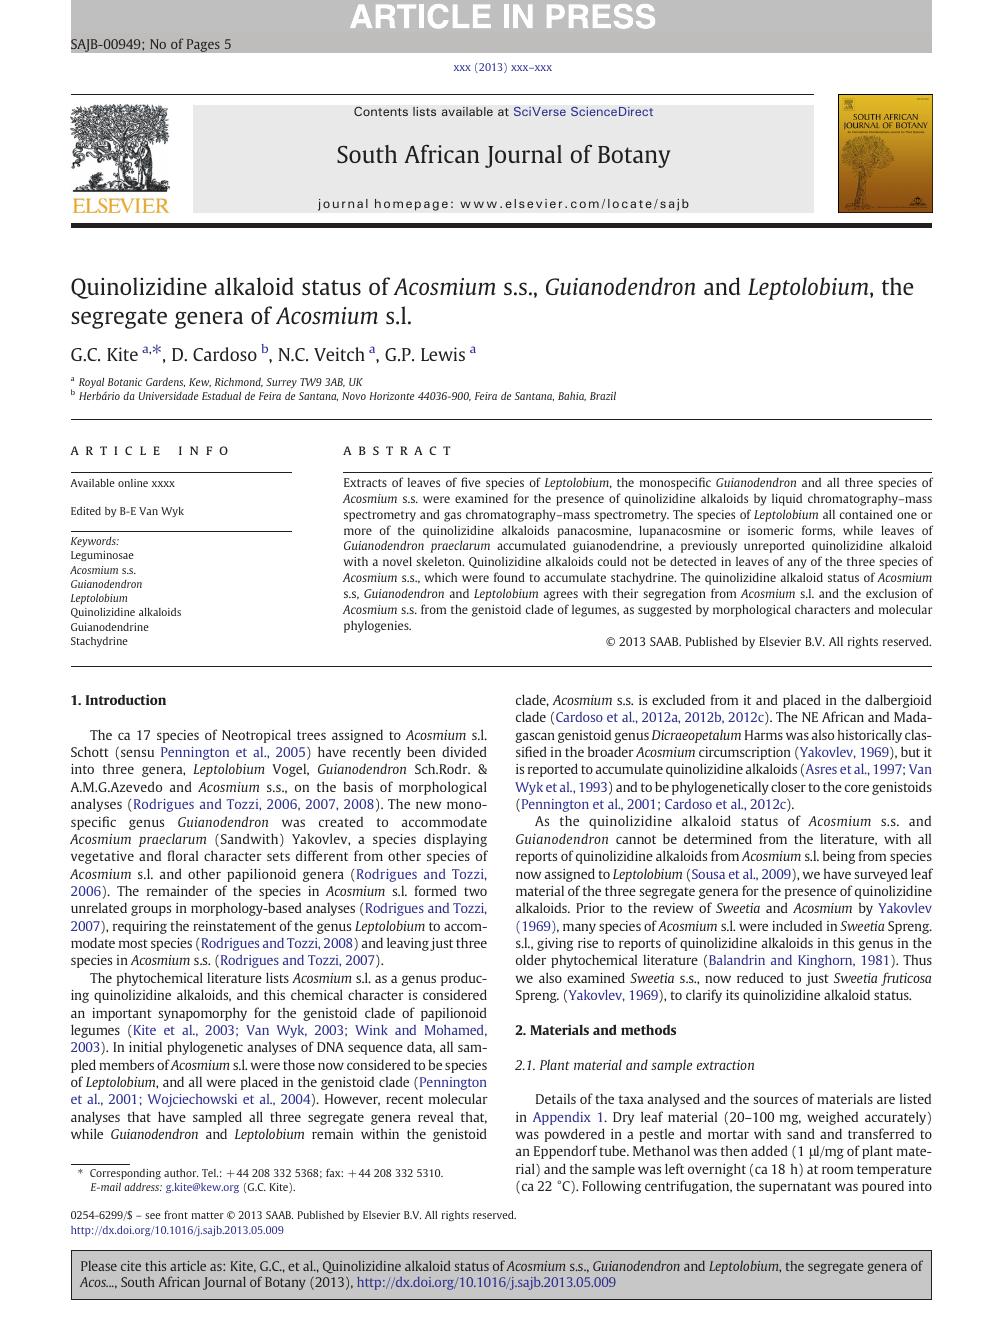 Quinolizidine alkaloid status of Acosmium s s